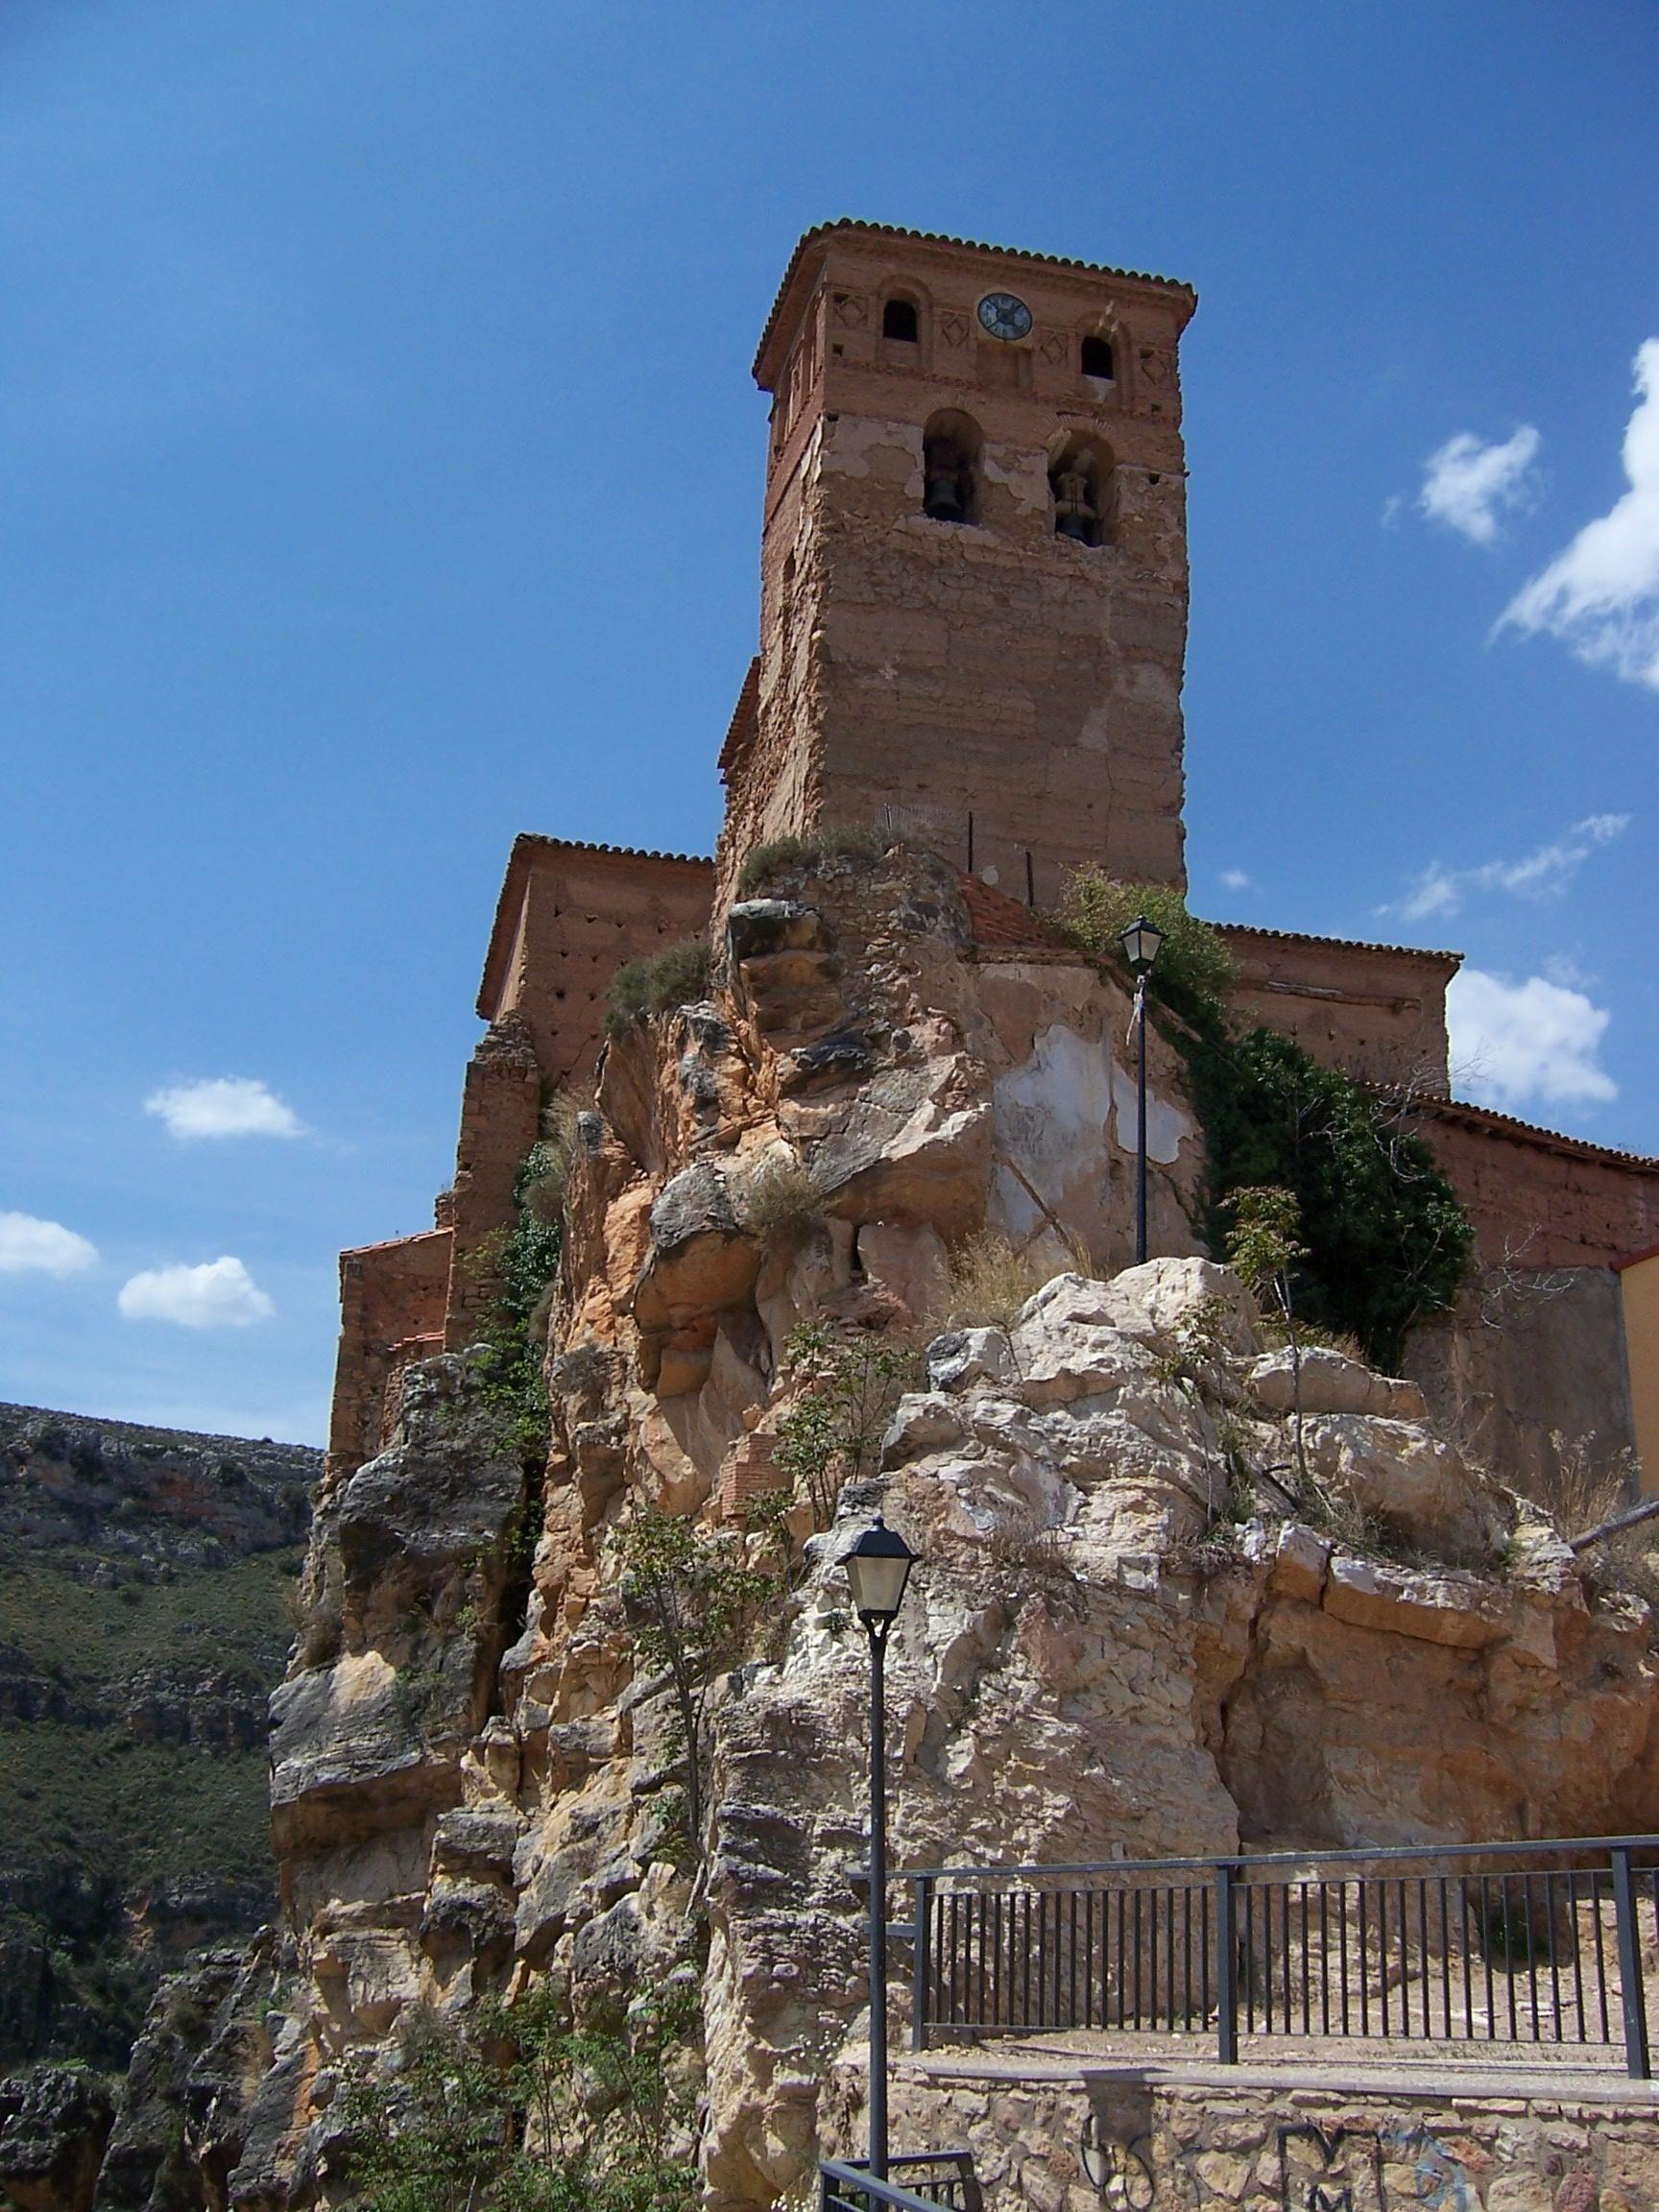 restos del castillo de nuevalos - zaragoza - españa